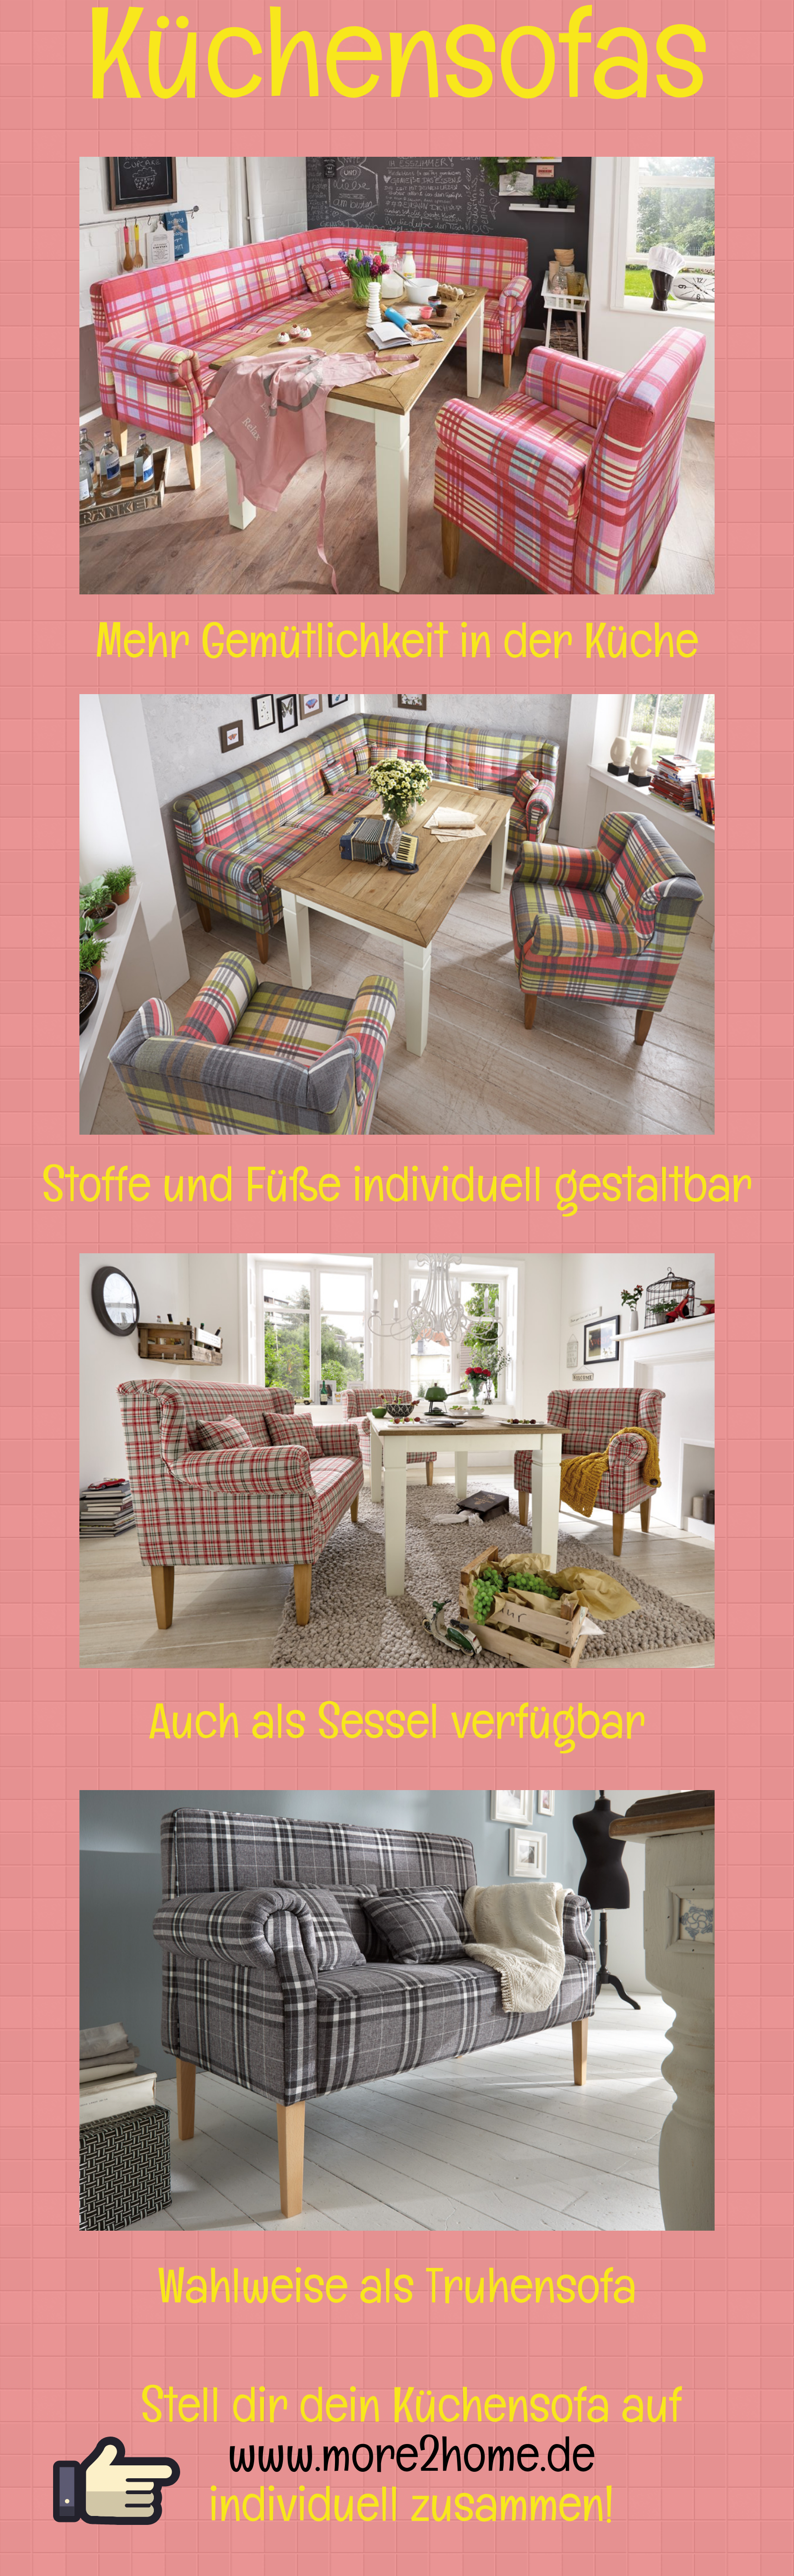 Wohnideen kuche landhaus for Bilder fur kuchenwande